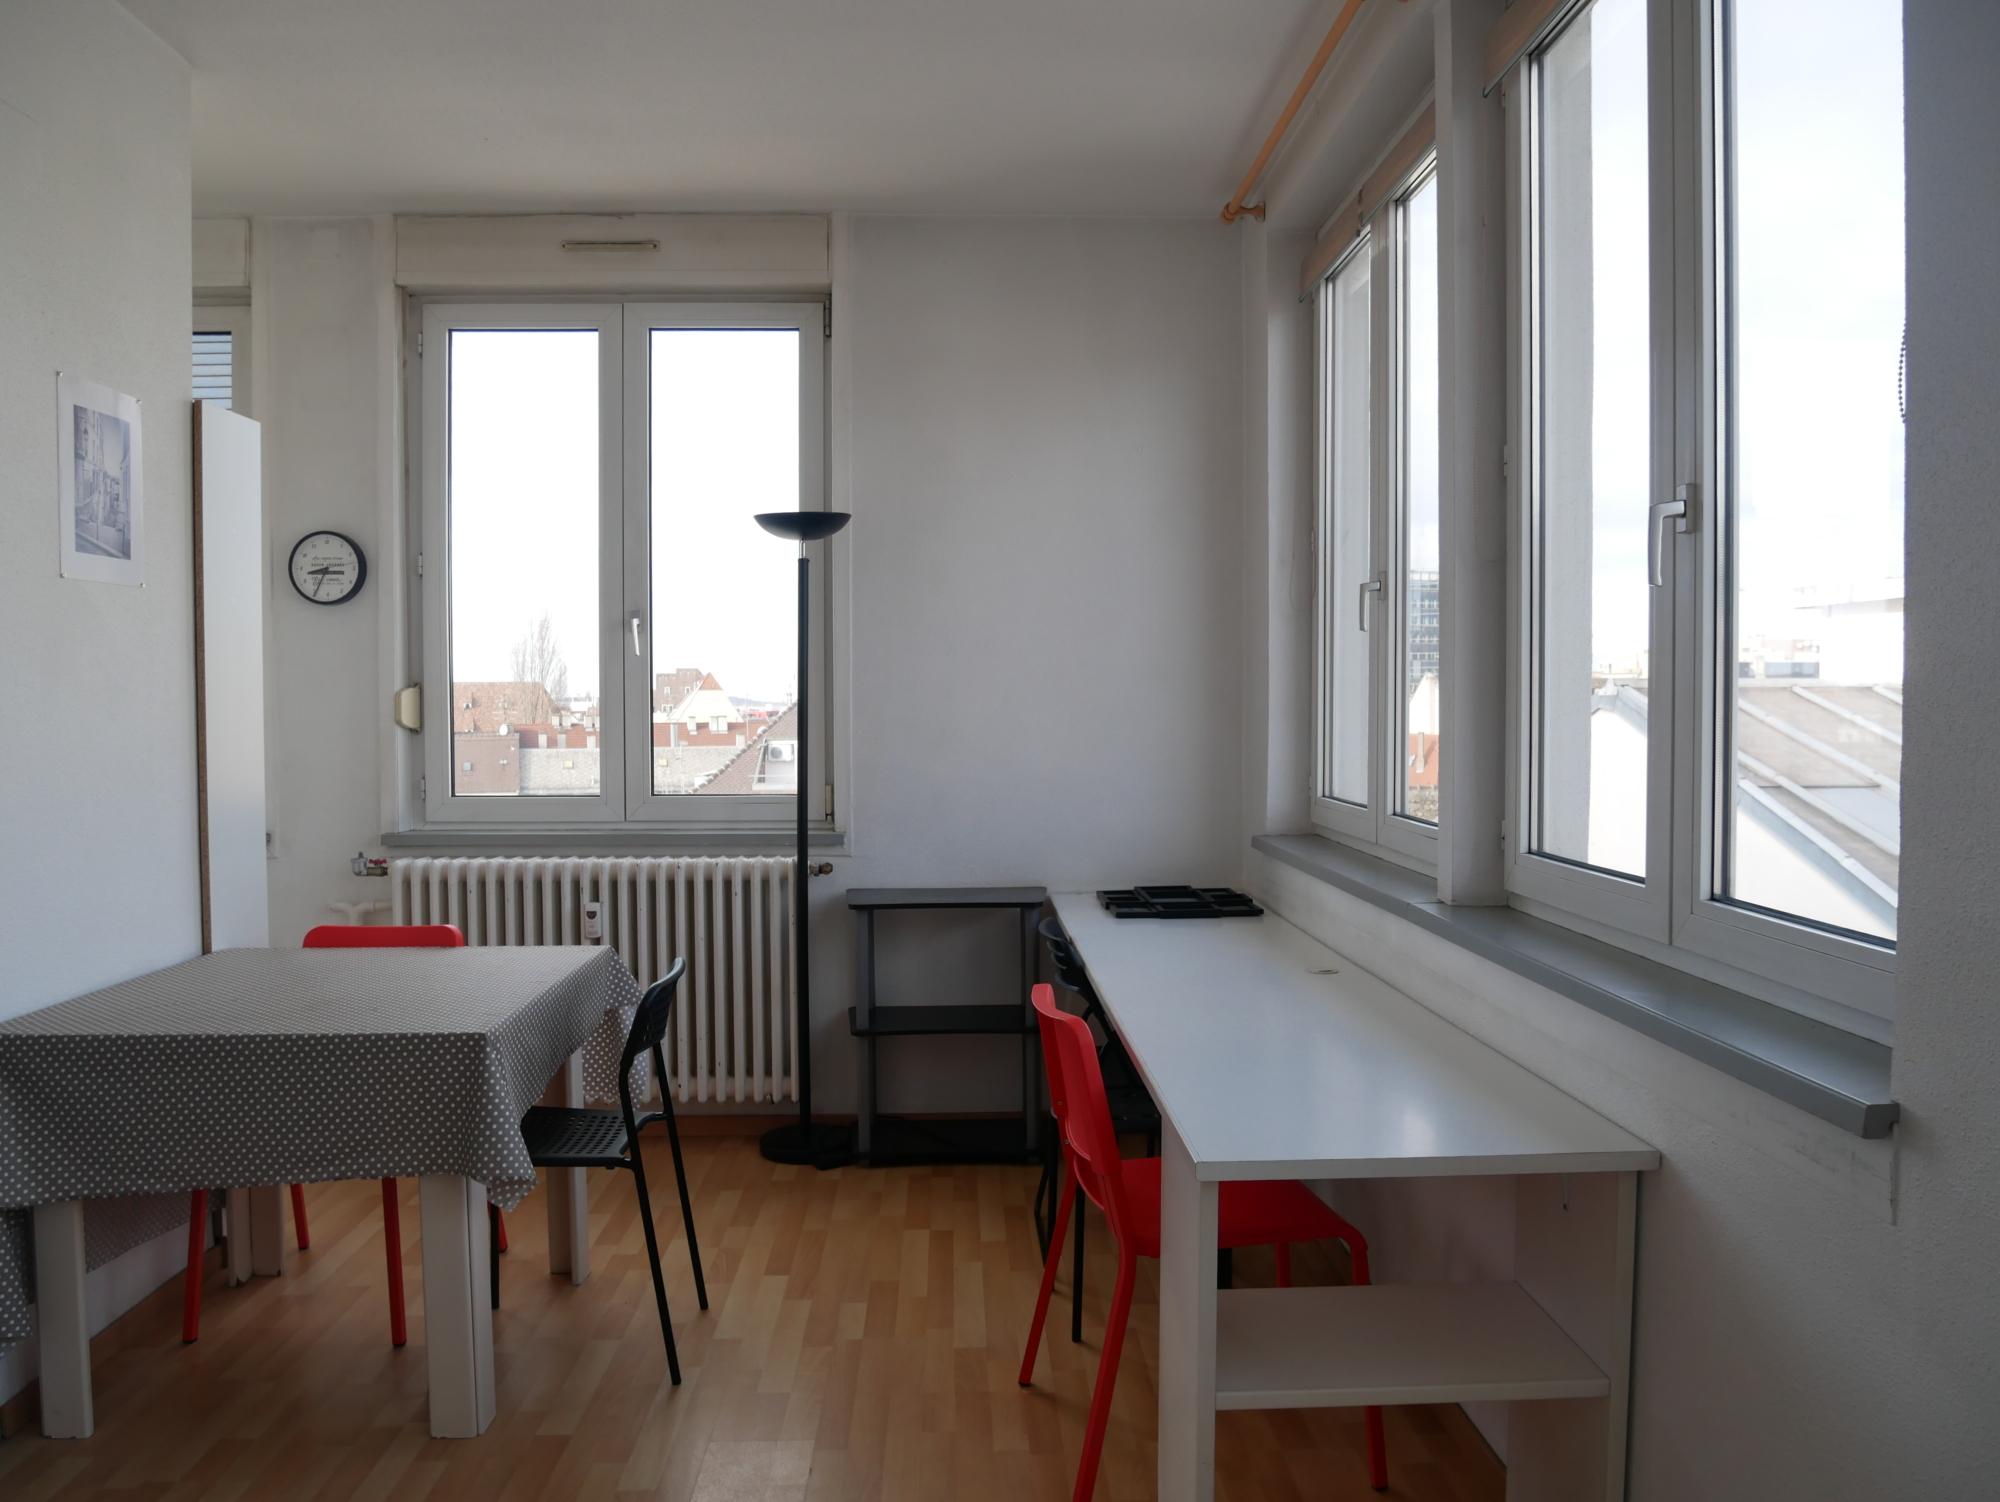 [BelleVue] 2pièces meublé en duplex - Hypercentre / rue du 22 Novembre - nos locations - Beausite Immobilier 1